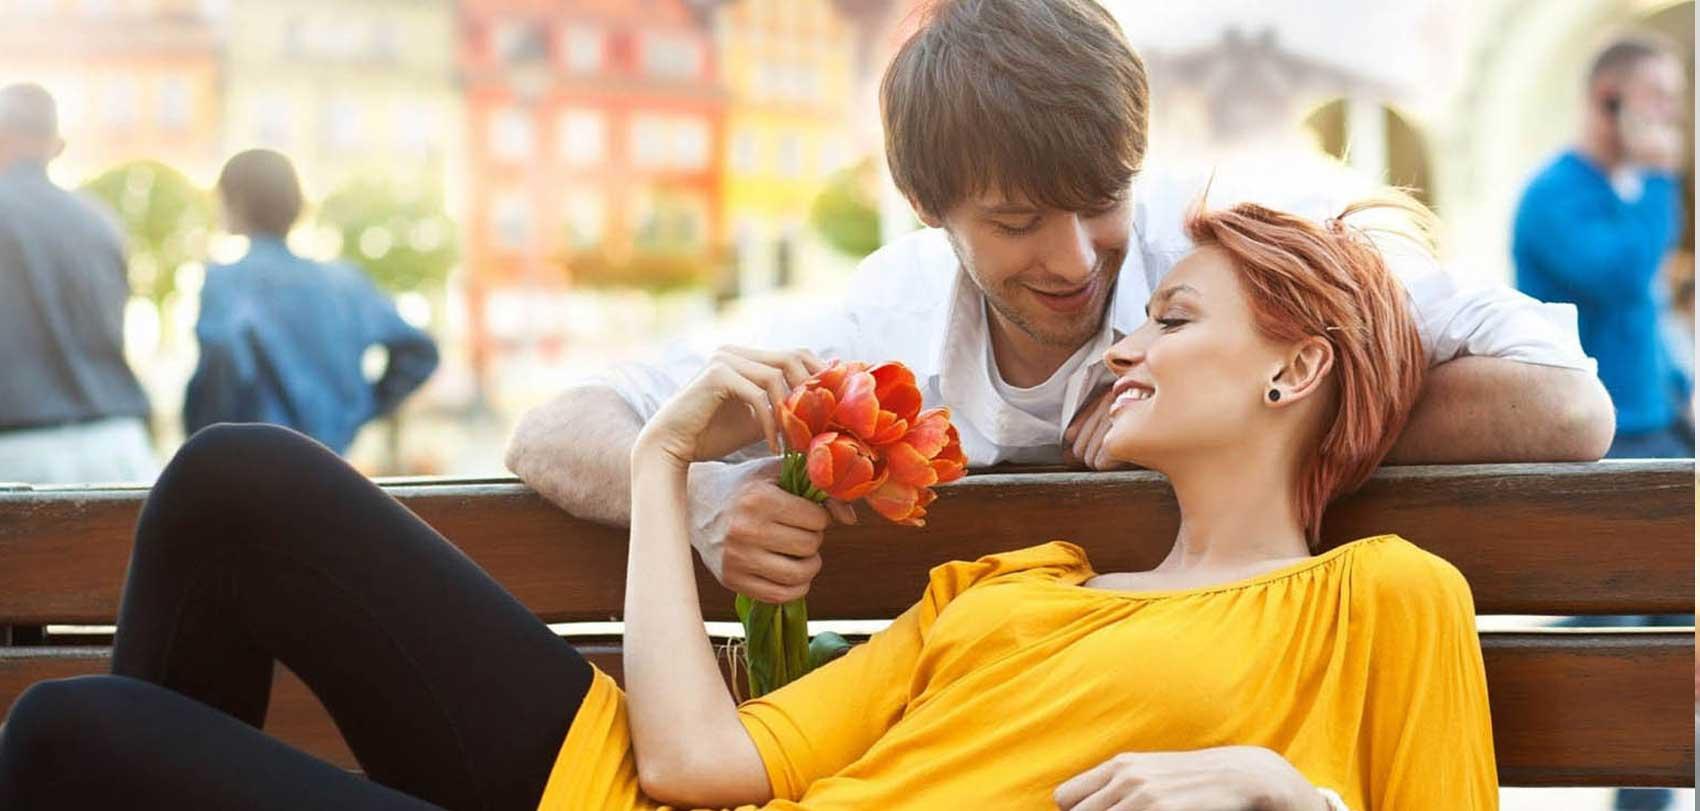 प्रेमी–प्रेमिकालाई काम लाग्ने महत्त्वपूर्ण यी पाँच टिप्सहरू